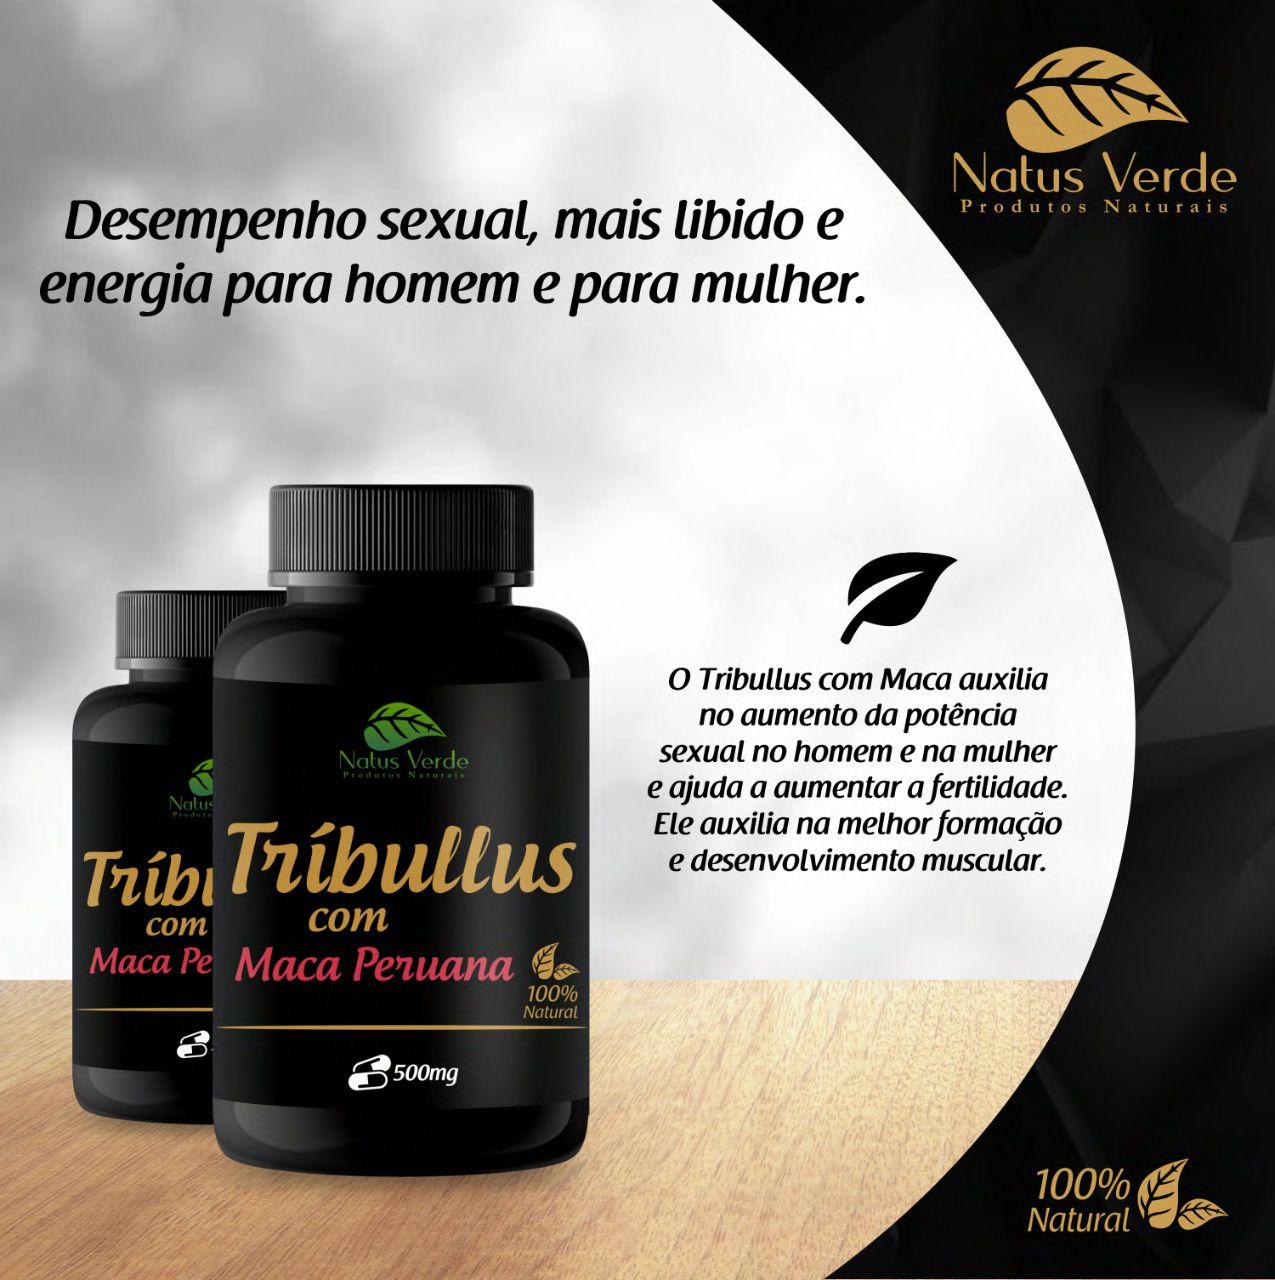 Composto Natural Tríbulus com Maca Peruana 500mg 60 Caps Natus Verde  - Fribasex - Fabricasex.com